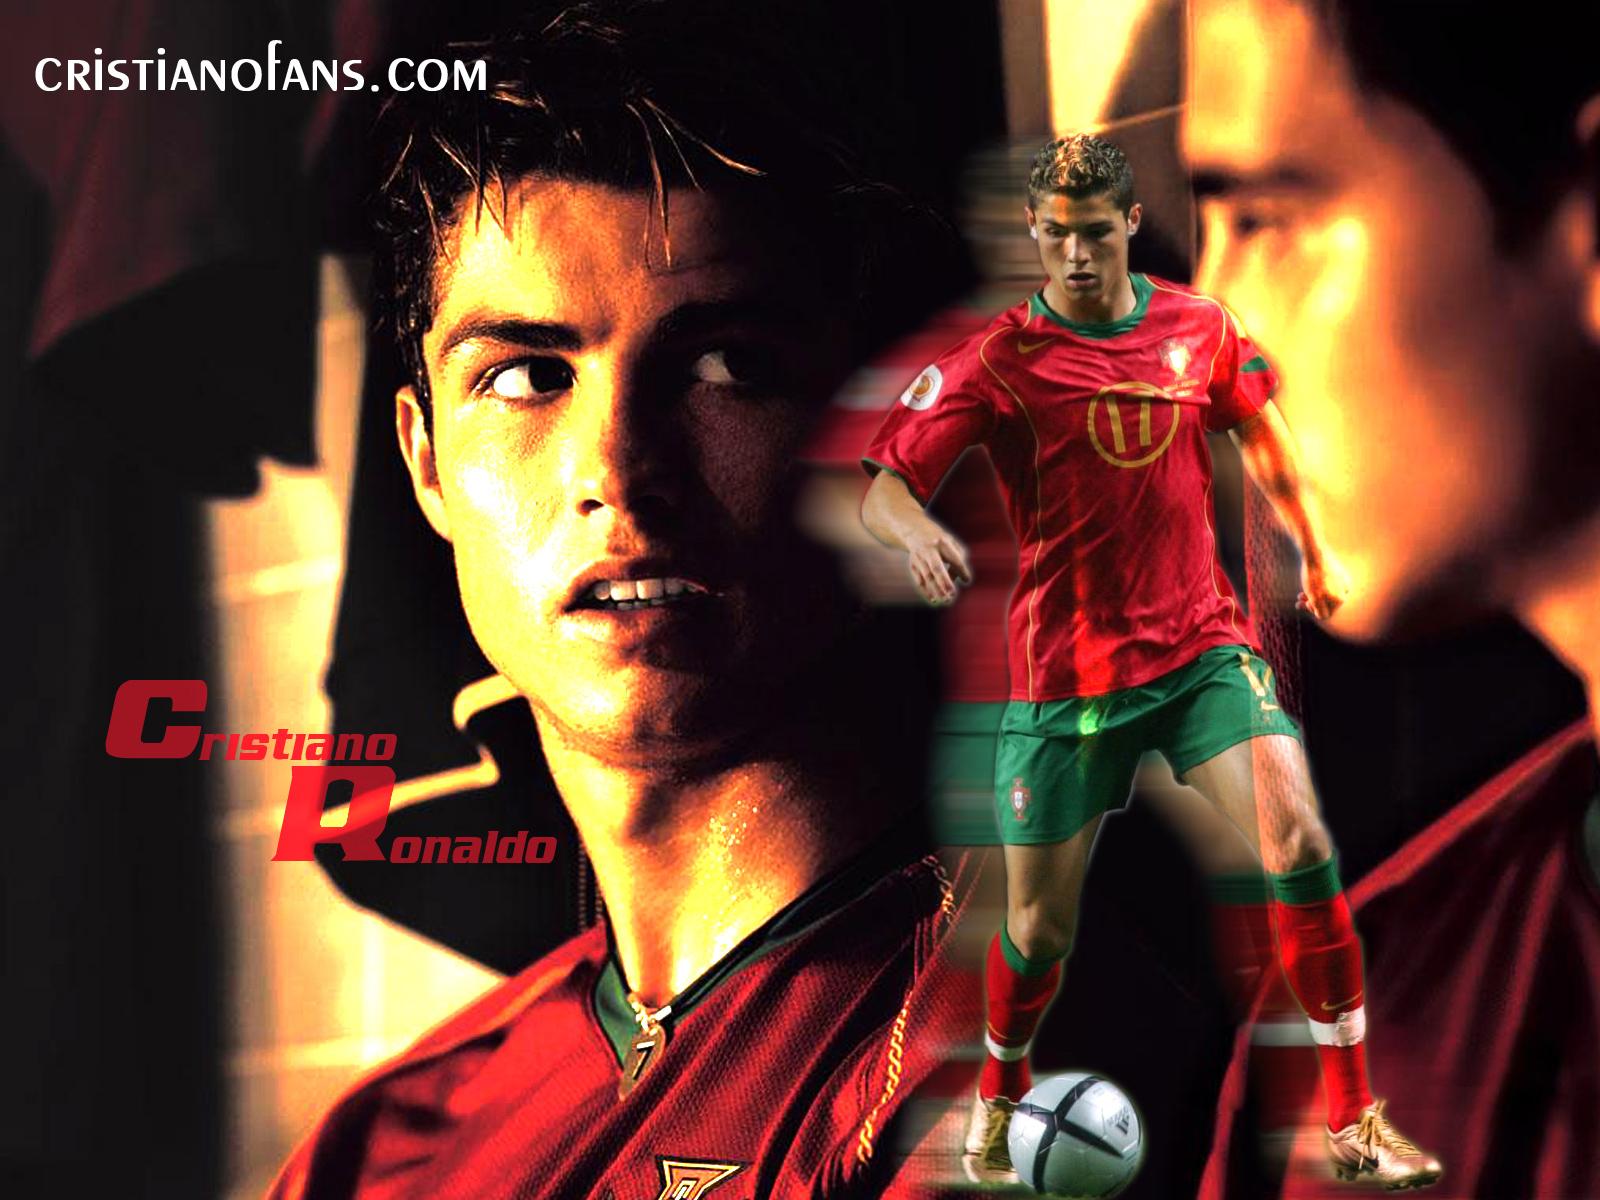 http://3.bp.blogspot.com/-XnVNdtbJ4m4/TnRuCklu-HI/AAAAAAAAOeM/xKit-oJ8FgE/s1600/Cristiano-Ronaldo-Wallpaper-015.jpg